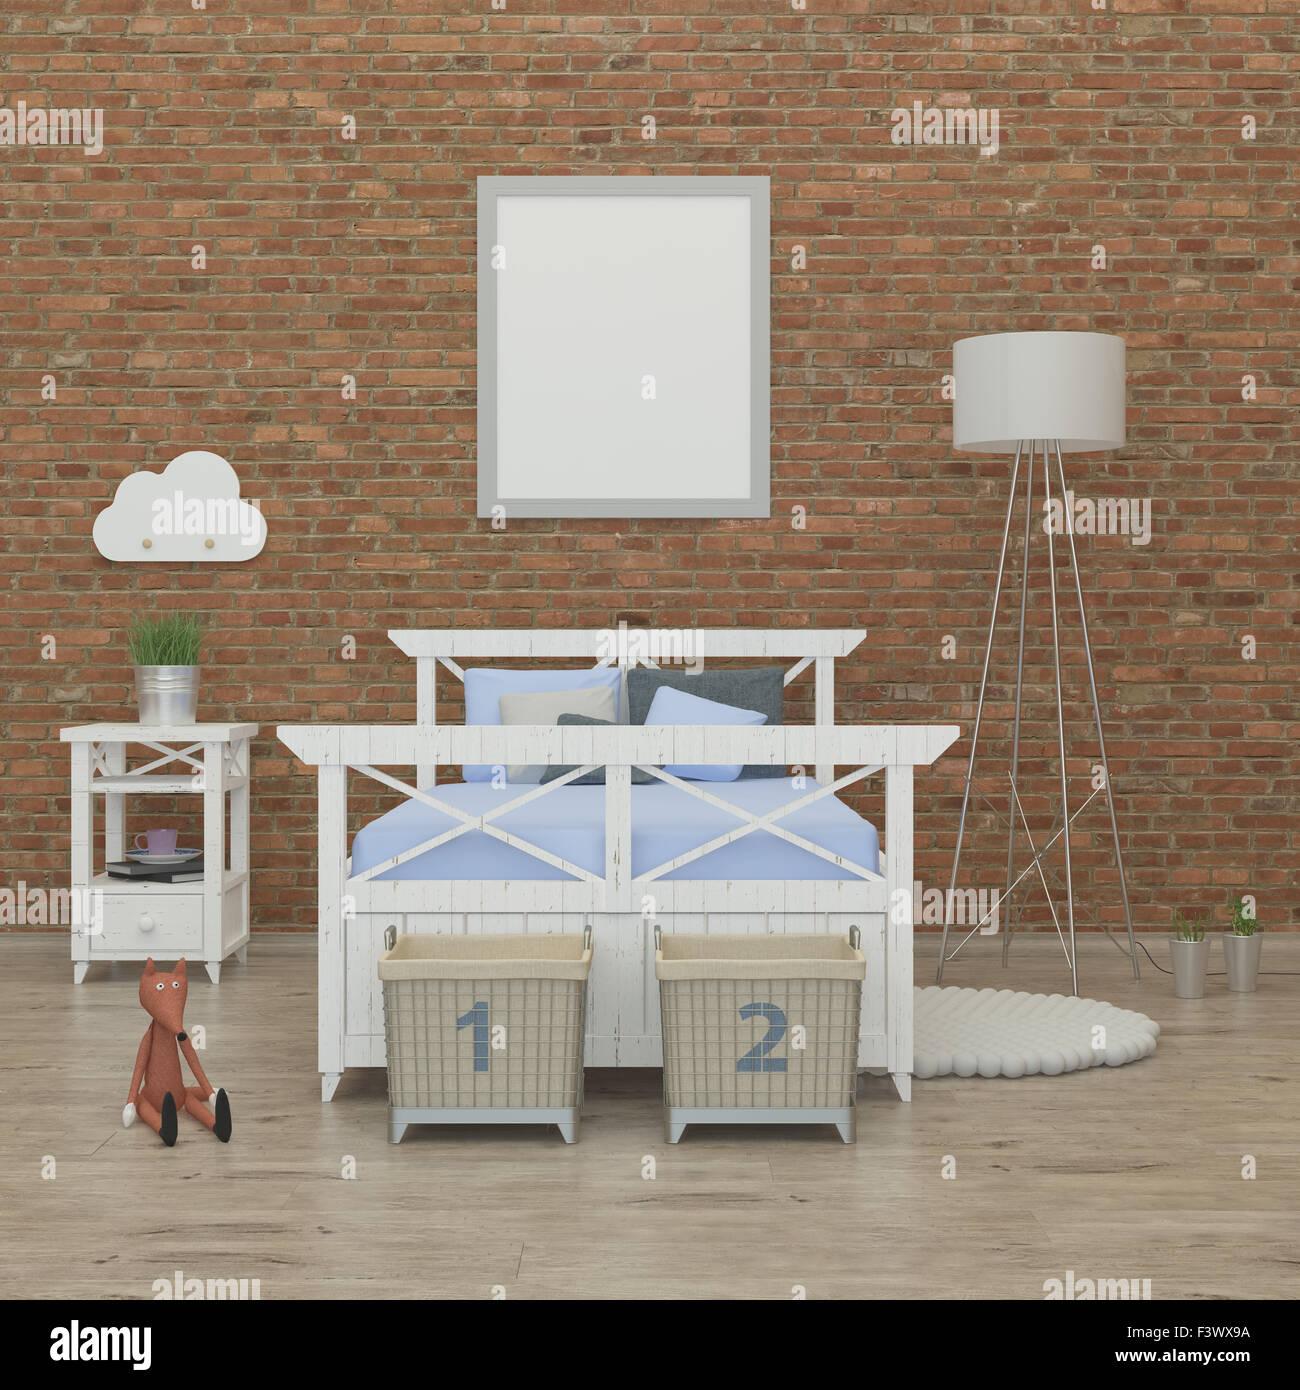 Petite chambre à coucher l'intérieur de l'image de rendu 3D Photo Stock